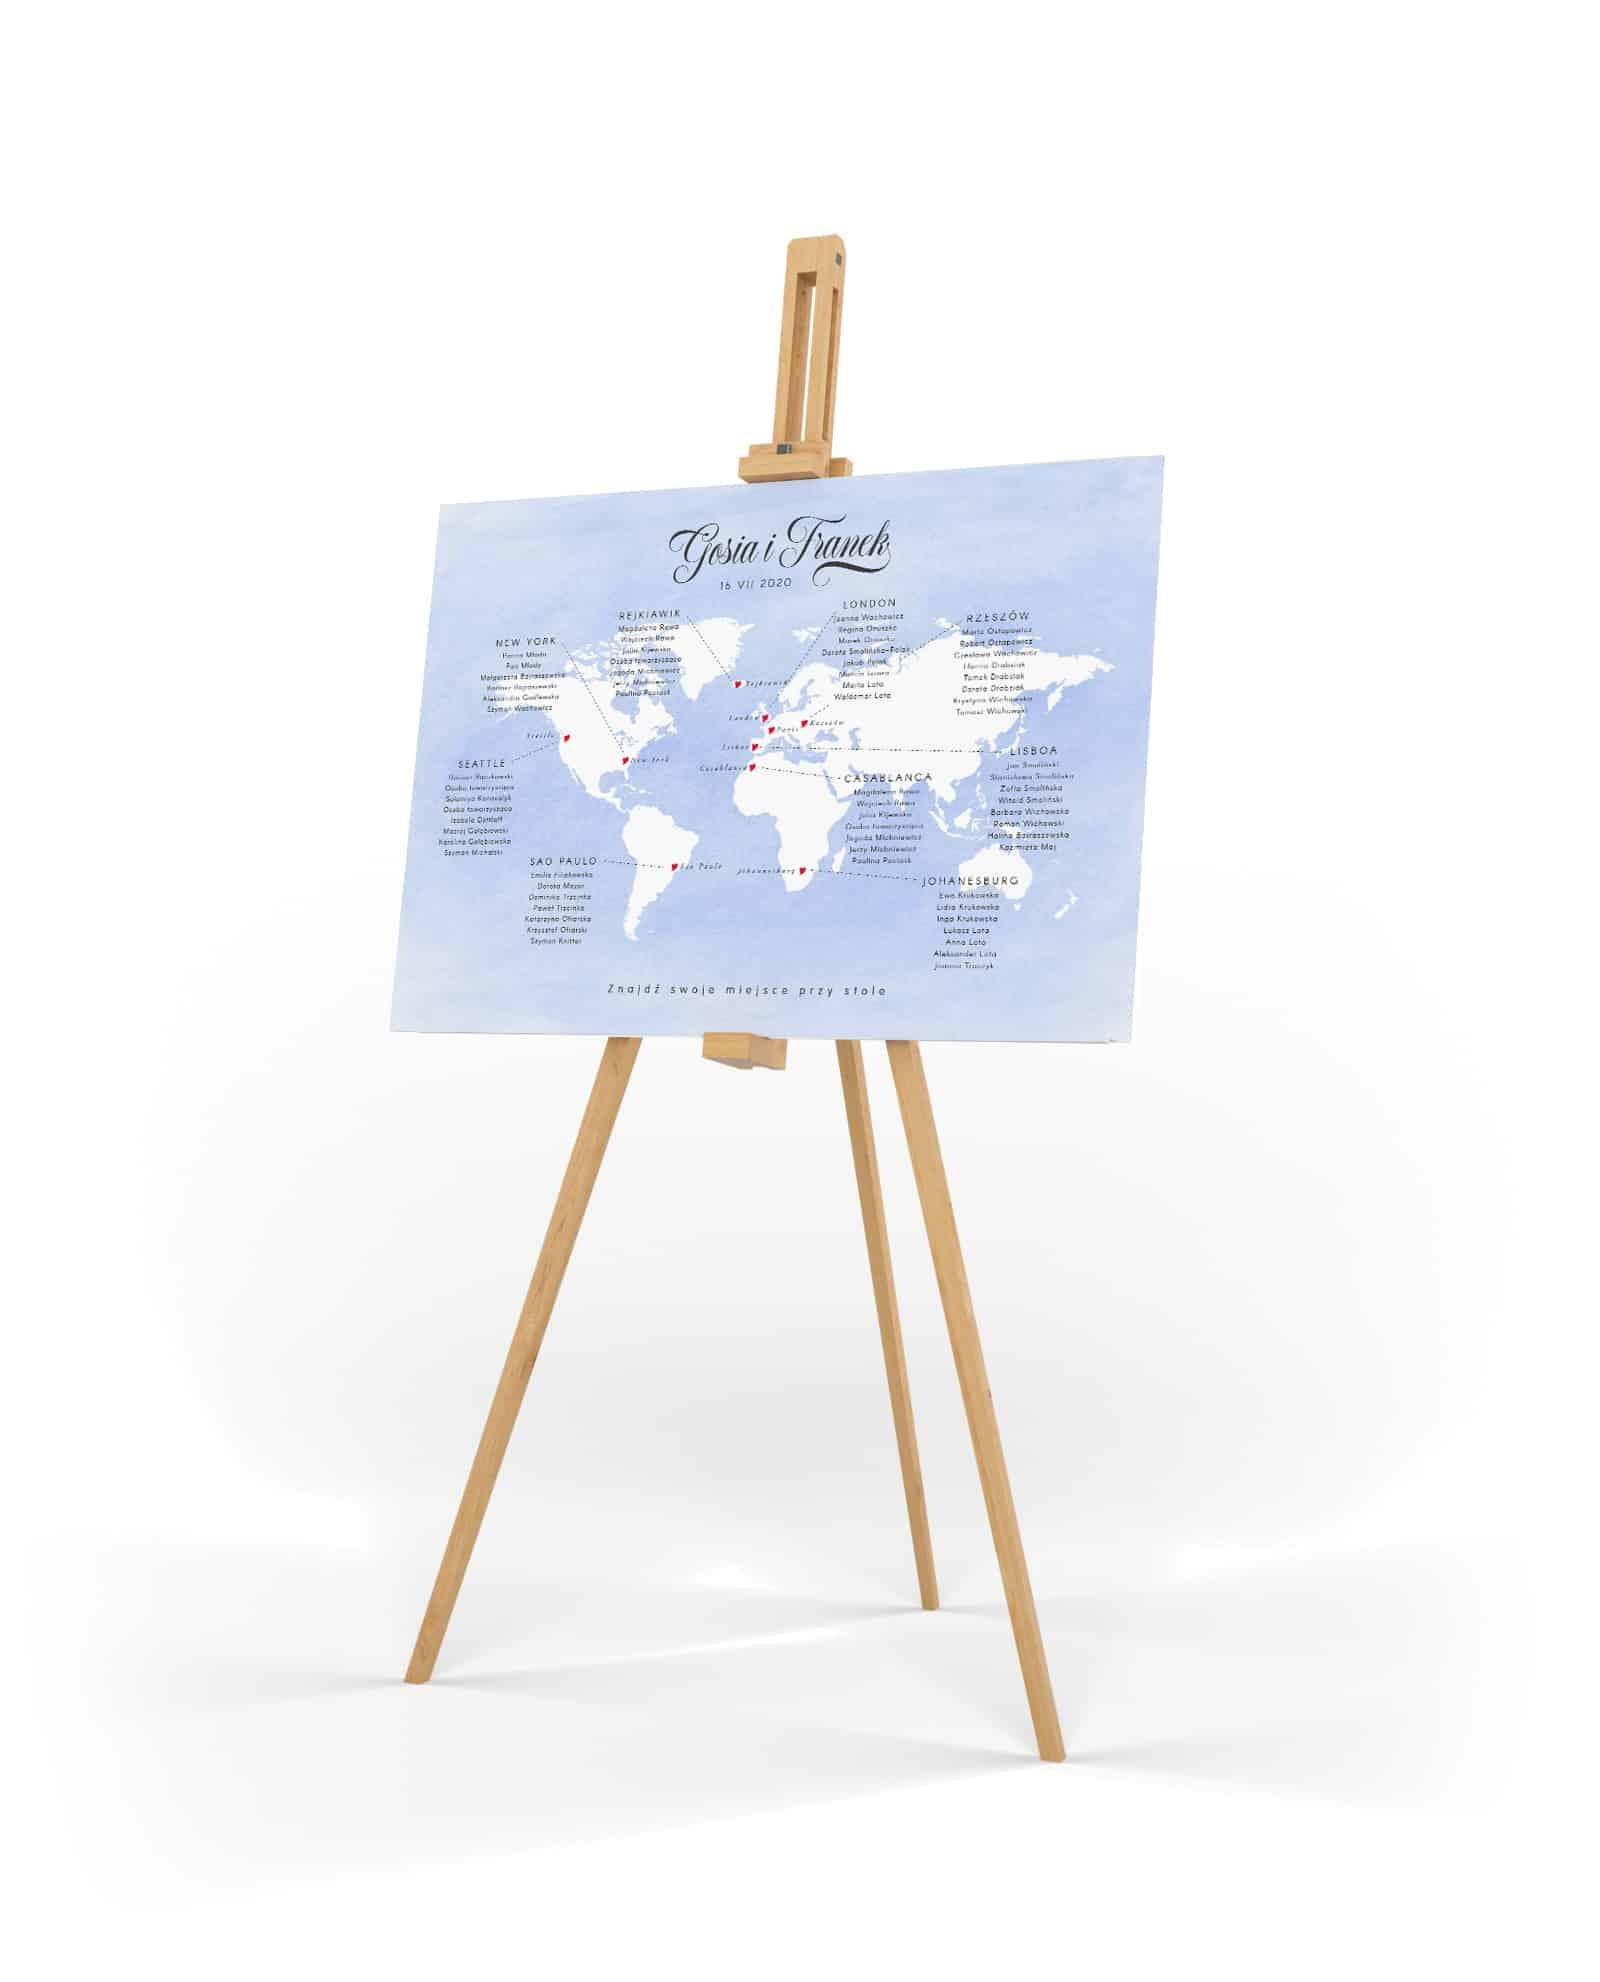 Plan stołów na wesele o tematyce podróży. Niebieskie tło i biała mapa ze stołami z nazwami miast.